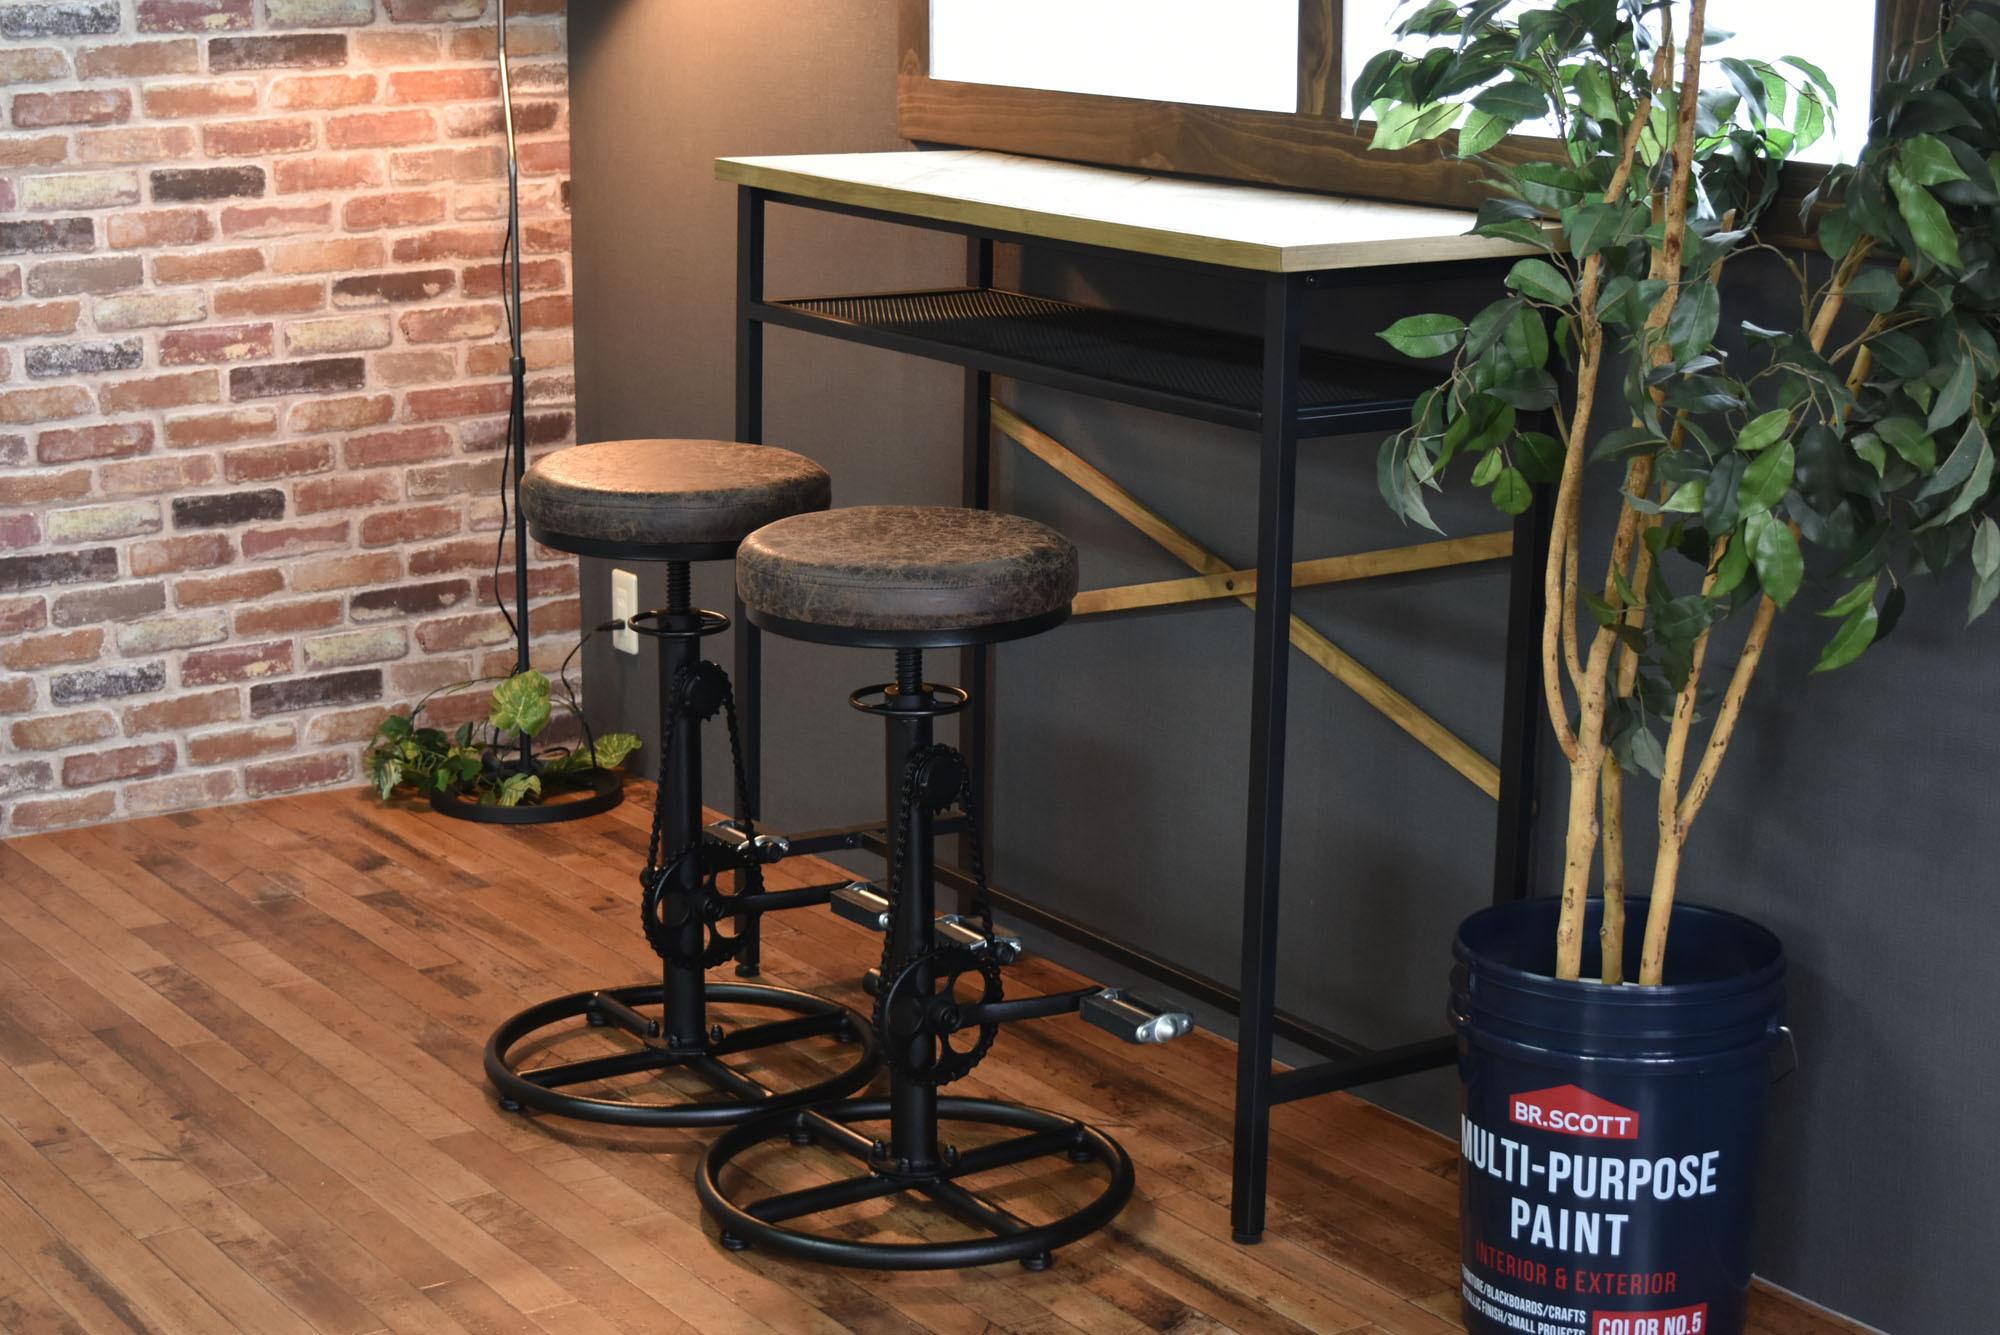 Smoky Bar Chair / ヴィンテージスタイル スモーキー バーチェア